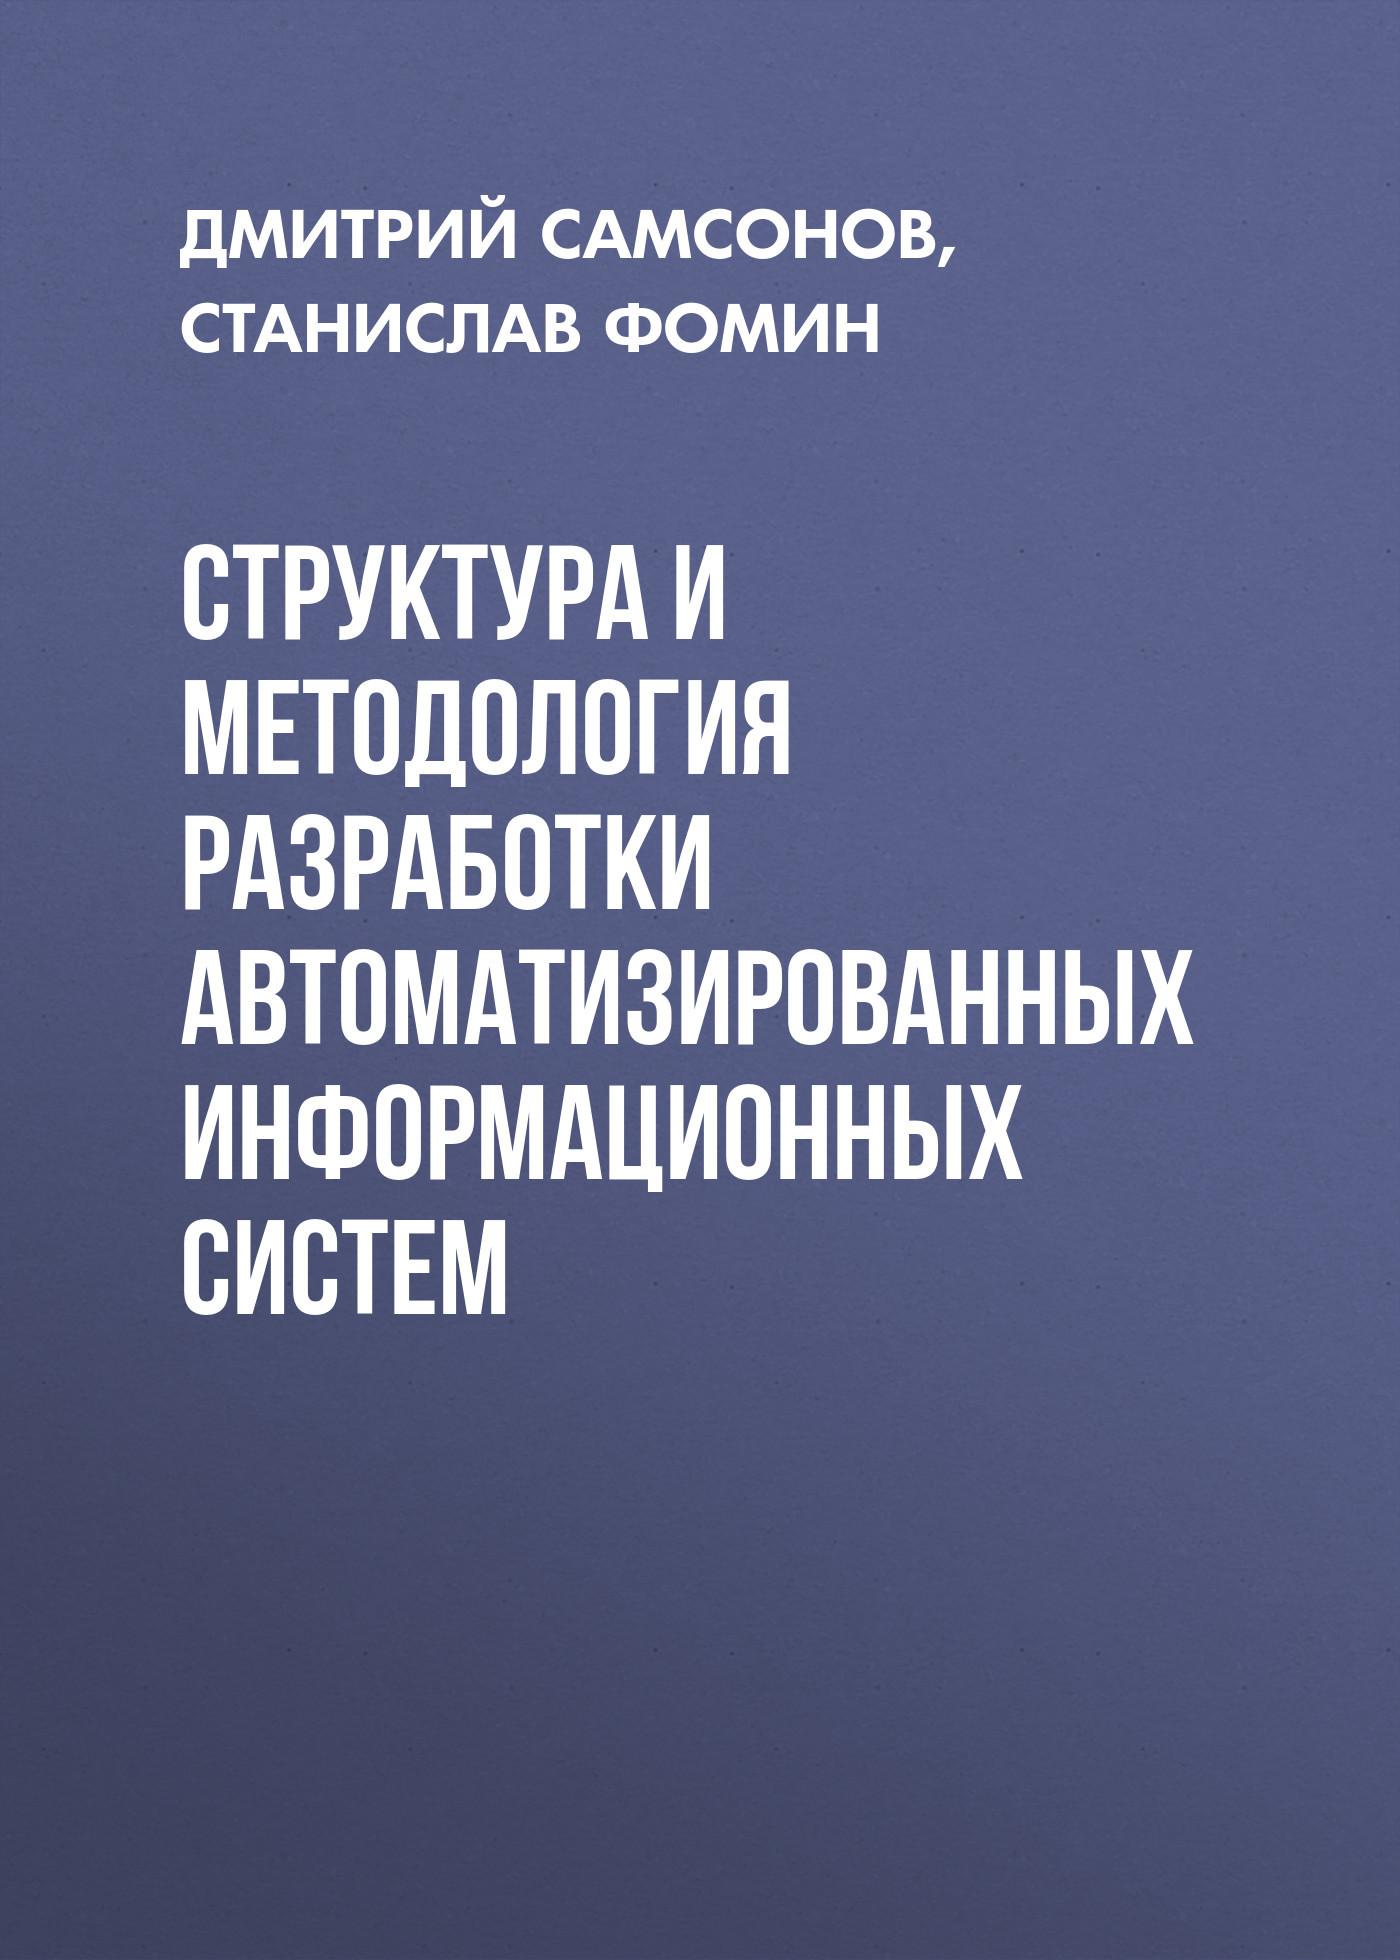 Станислав Фомин Структура и методология разработки автоматизированных информационных систем